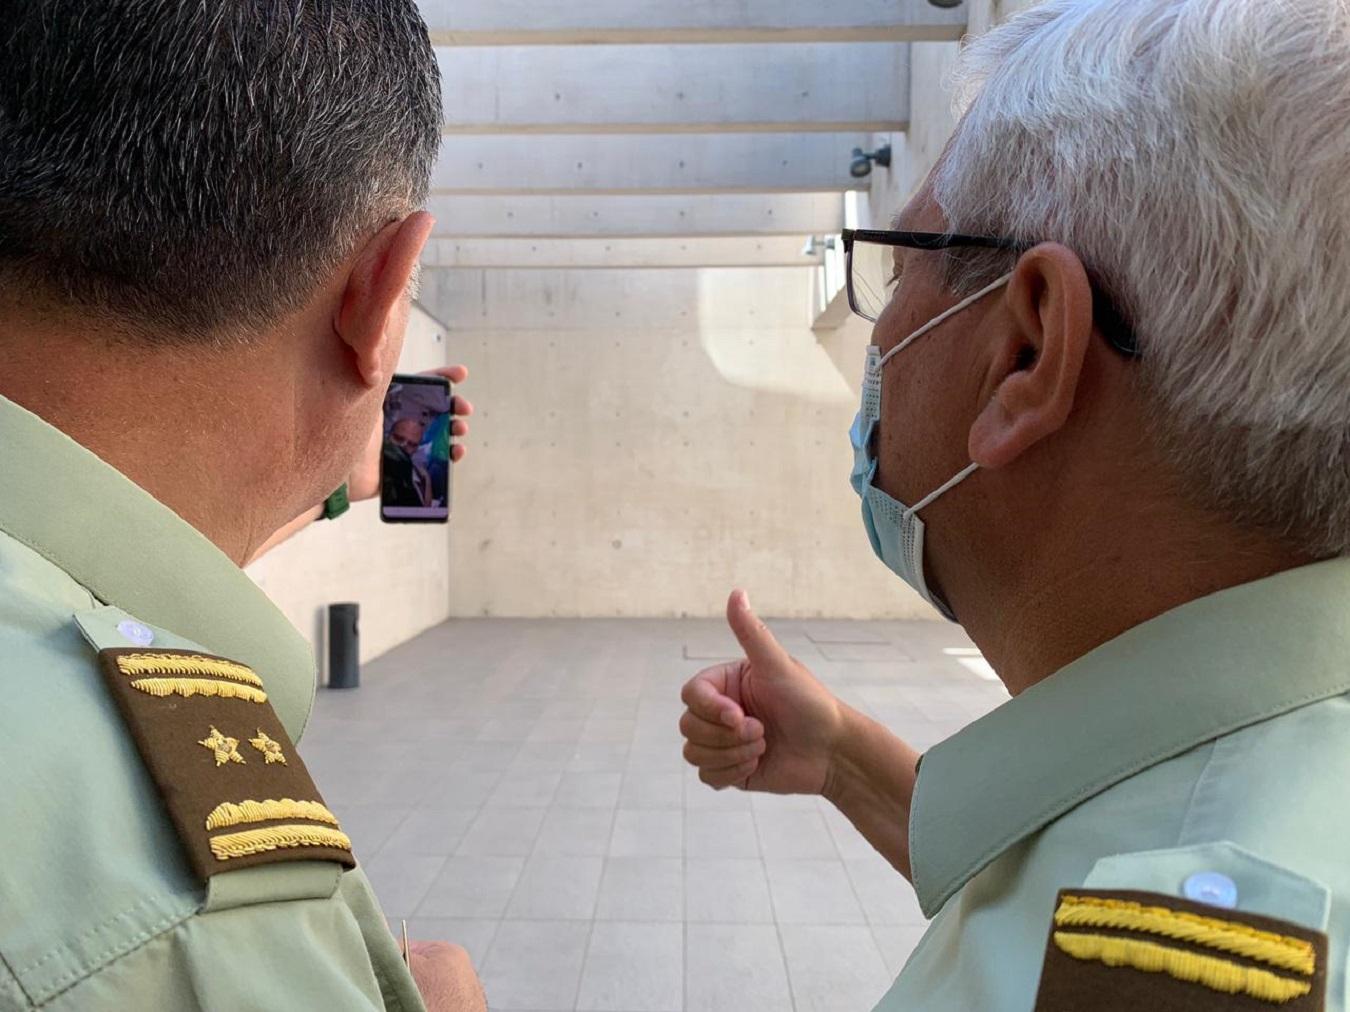 Llamado del Director General de Carabineros al funcionario herido.